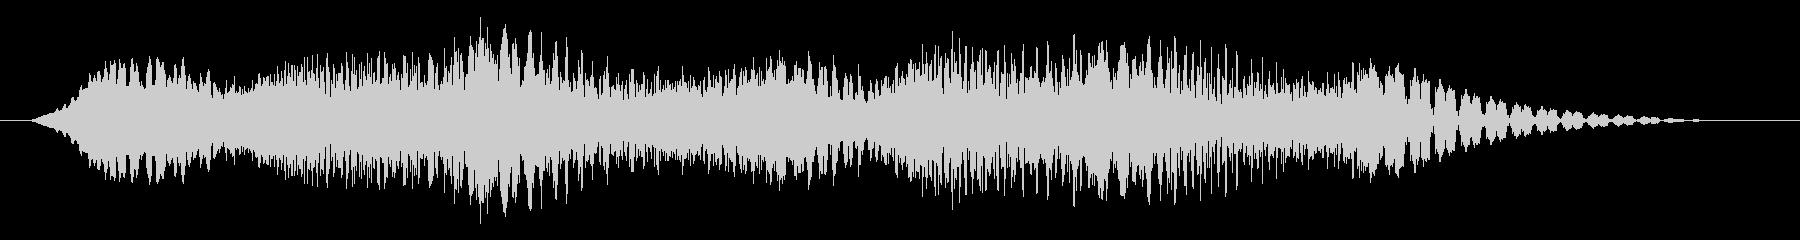 素材 揺れるドローン07の未再生の波形